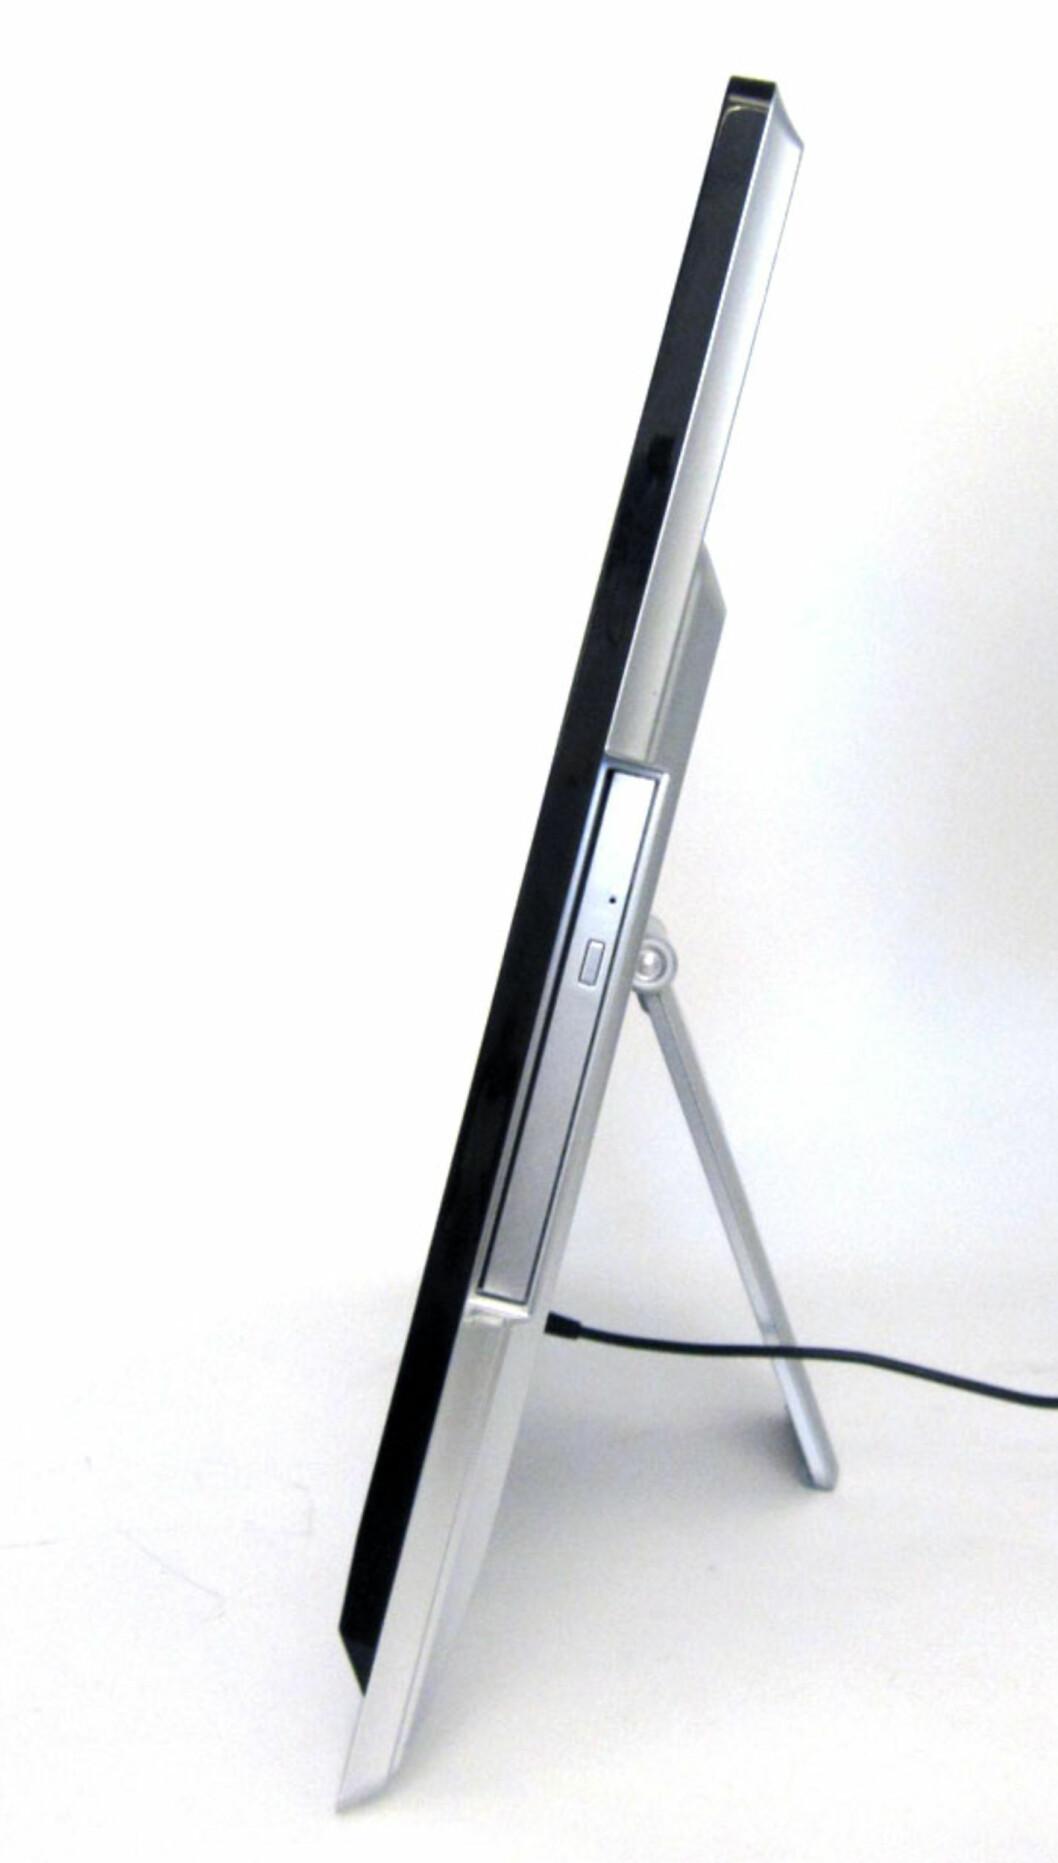 MSI Adora 24 alt-i-ett PC med TV-kort